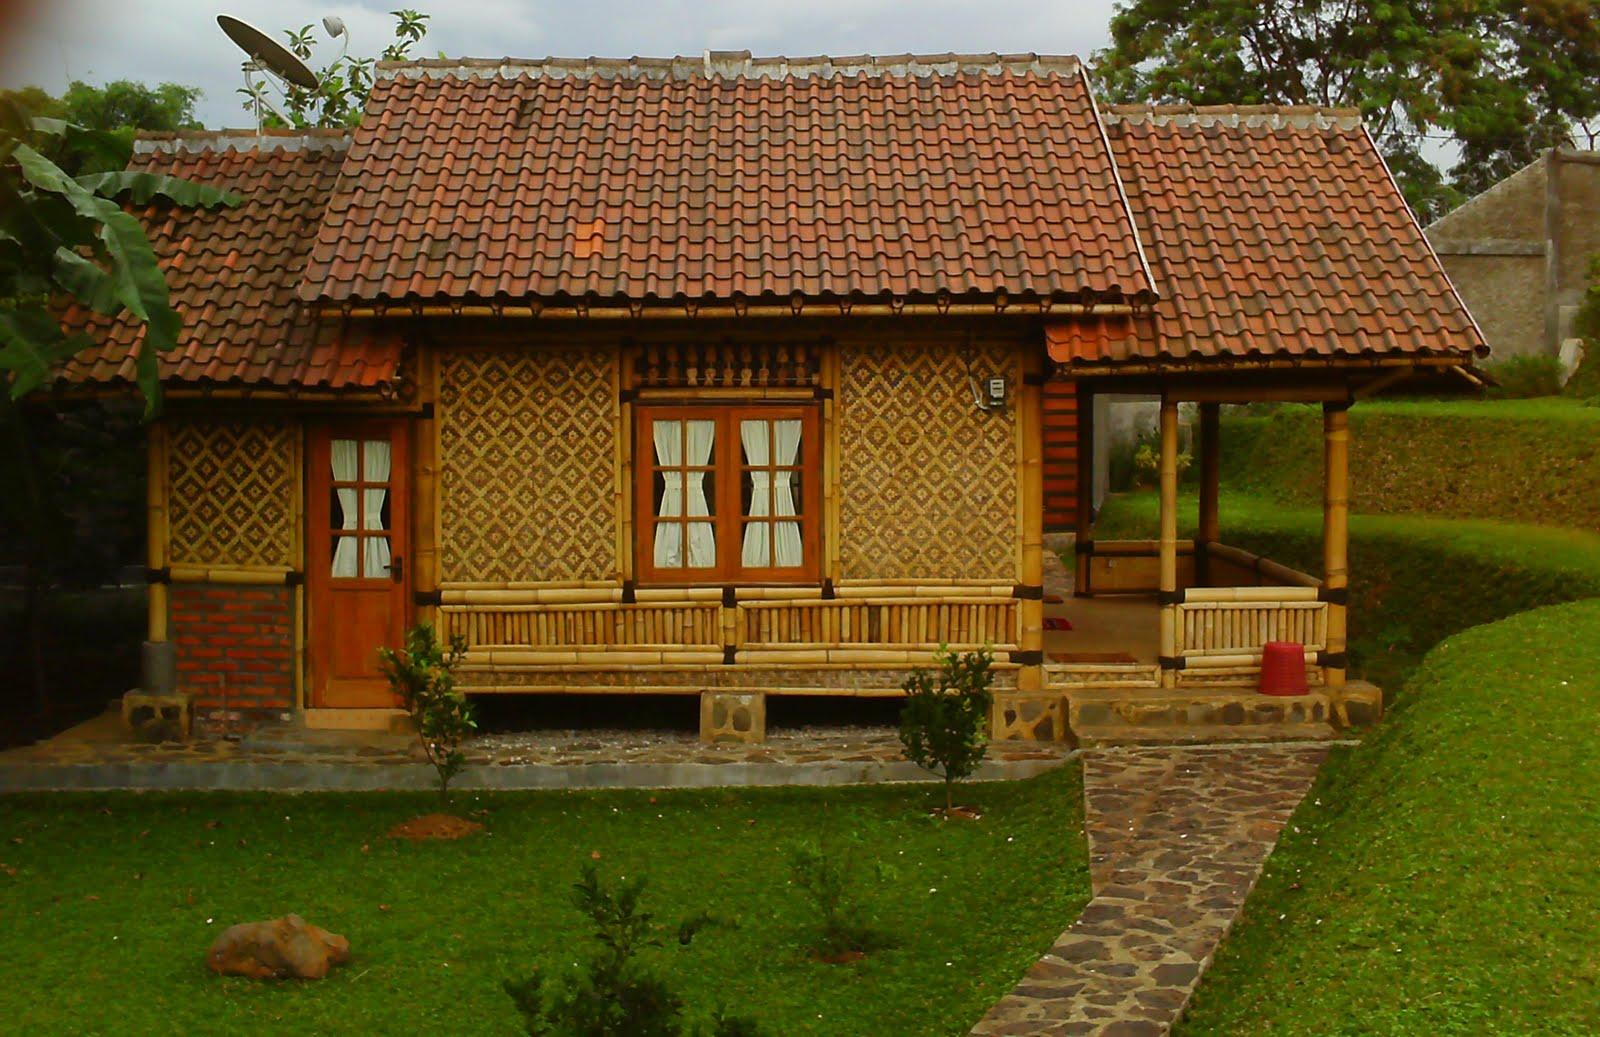 Berikut ini ada beberapa tips desain rumah bambu unik yang aman dan nyaman antara lain & Contoh Desain Rumah Dinding Bambu Unik Nyaman Indah | MAXYPROPERTY ...